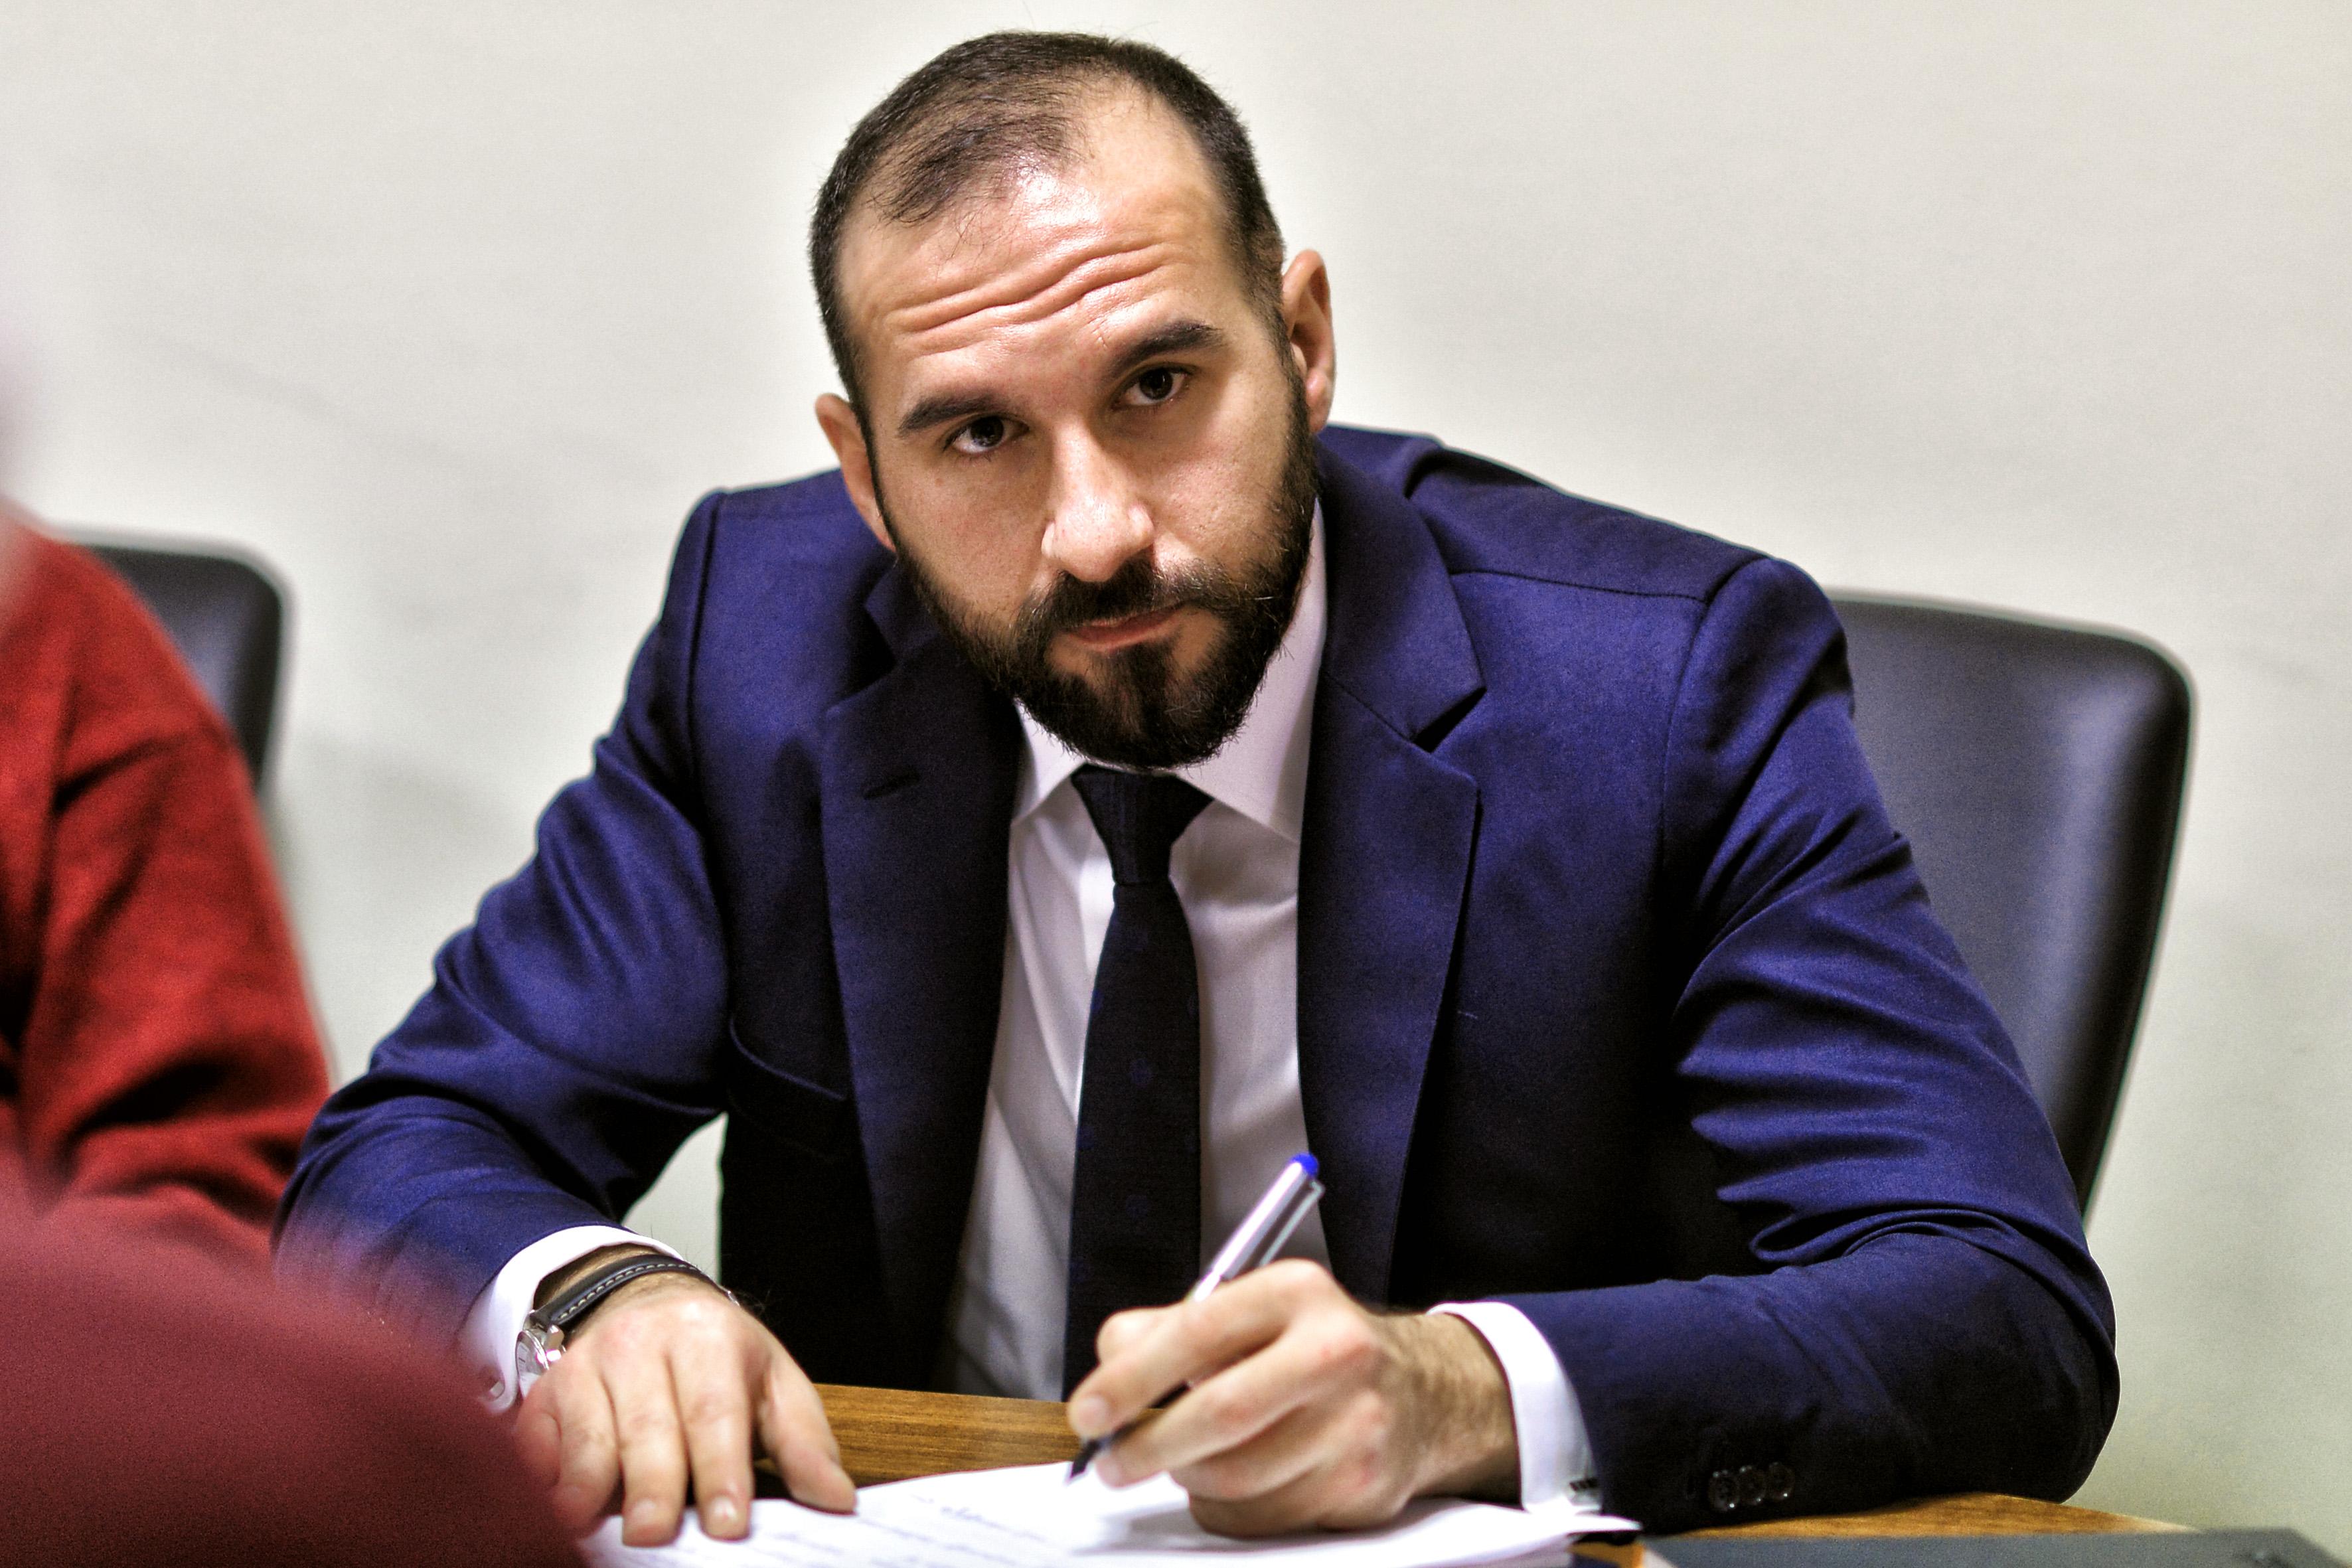 Αιχμές Τζανακόπουλου για διασύνδεση ΝΔ-διαπλοκής | tovima.gr